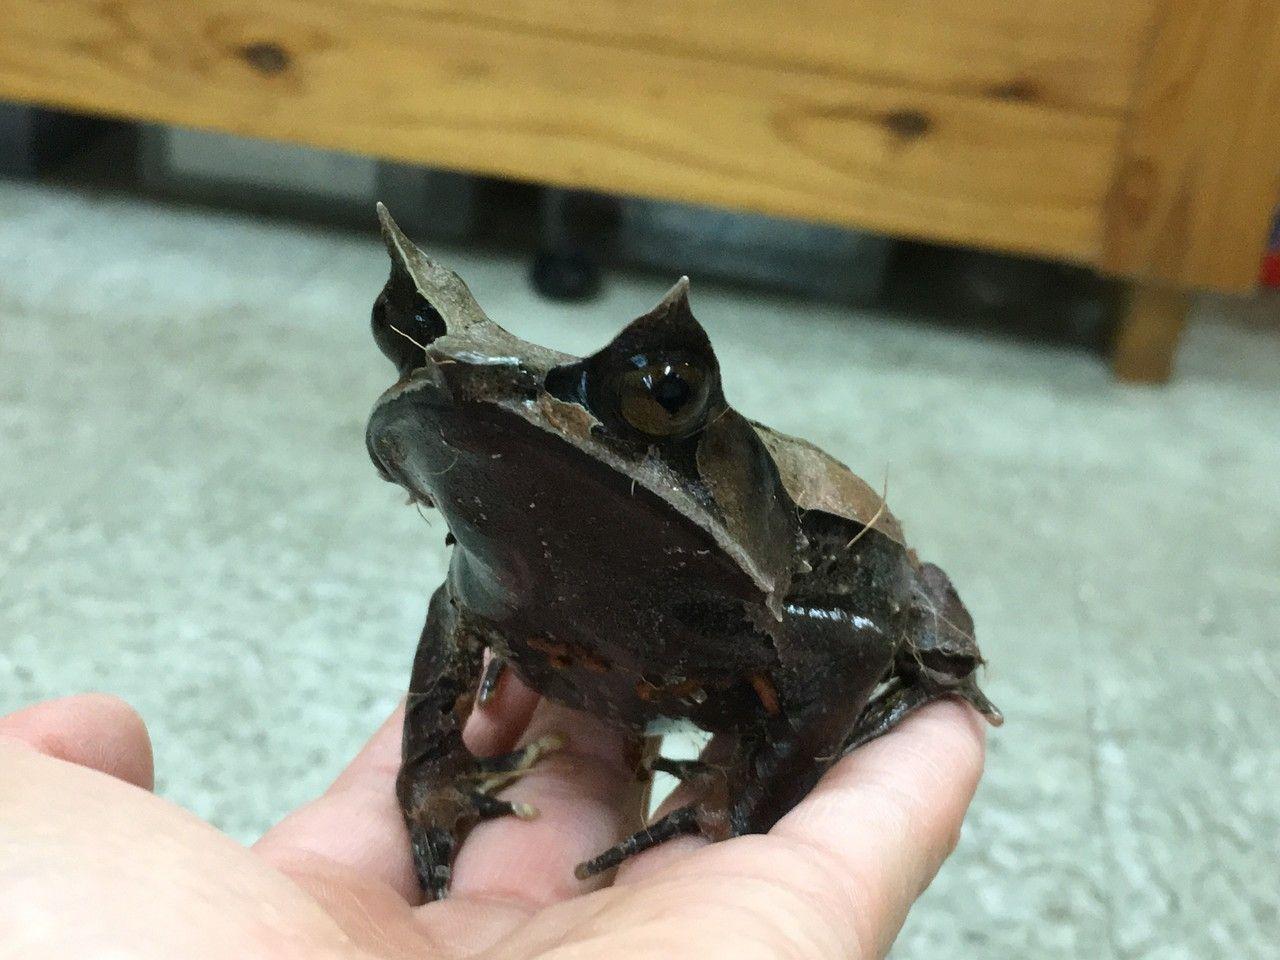 コノハガエル アジアツノガエル 体長 10cm 分布 東南アジア ツノガエル イモリ カエル